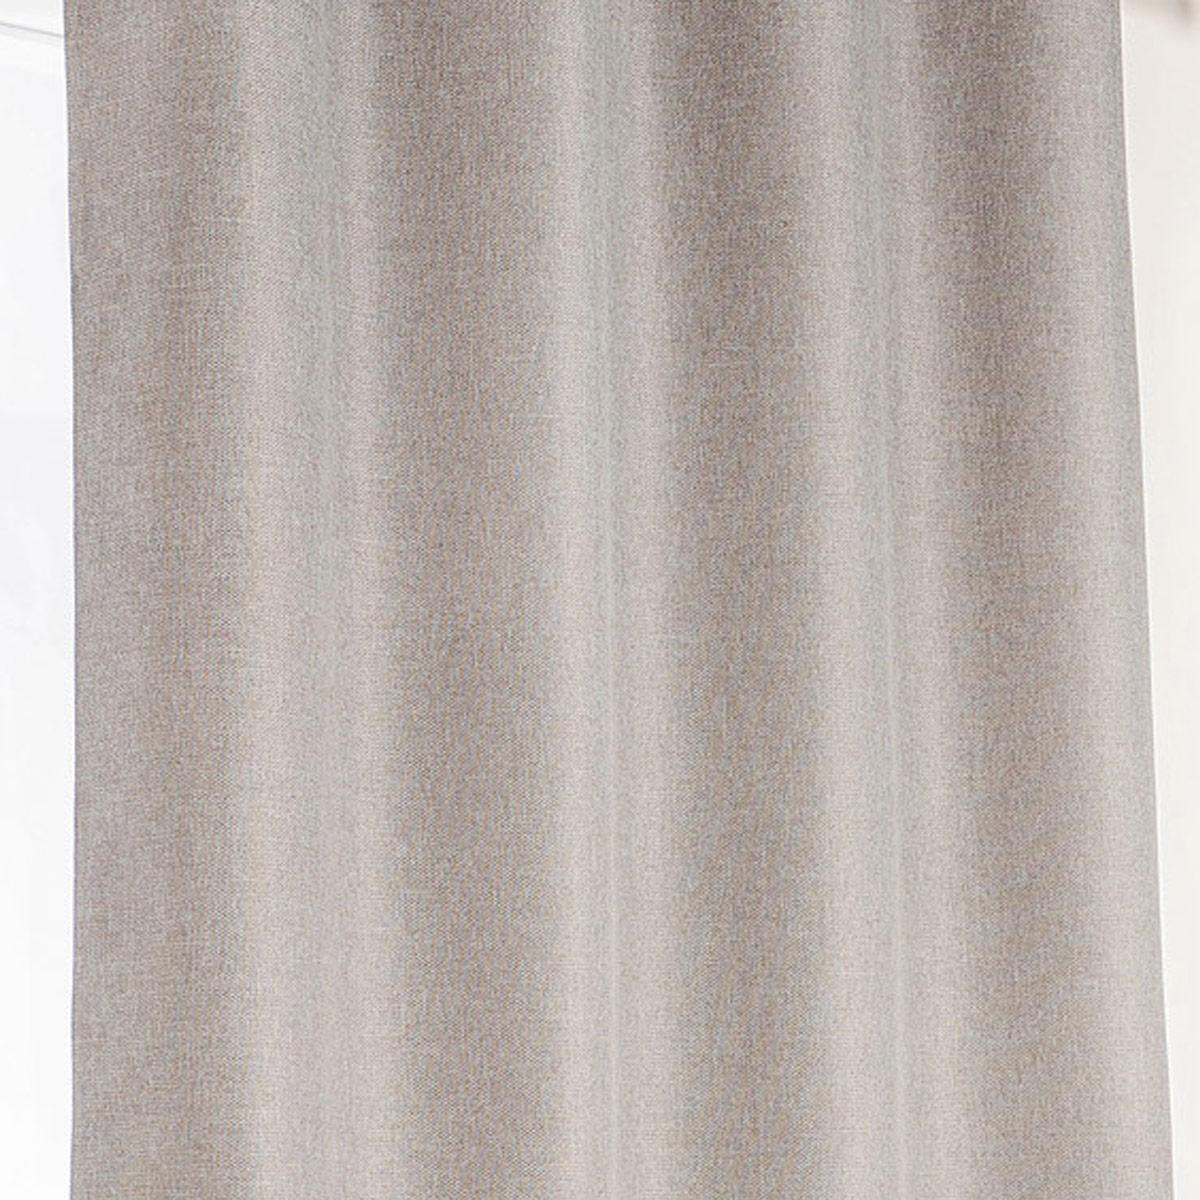 Rideau occultant à galon fronceur - Gris clair - 140 x 240 cm